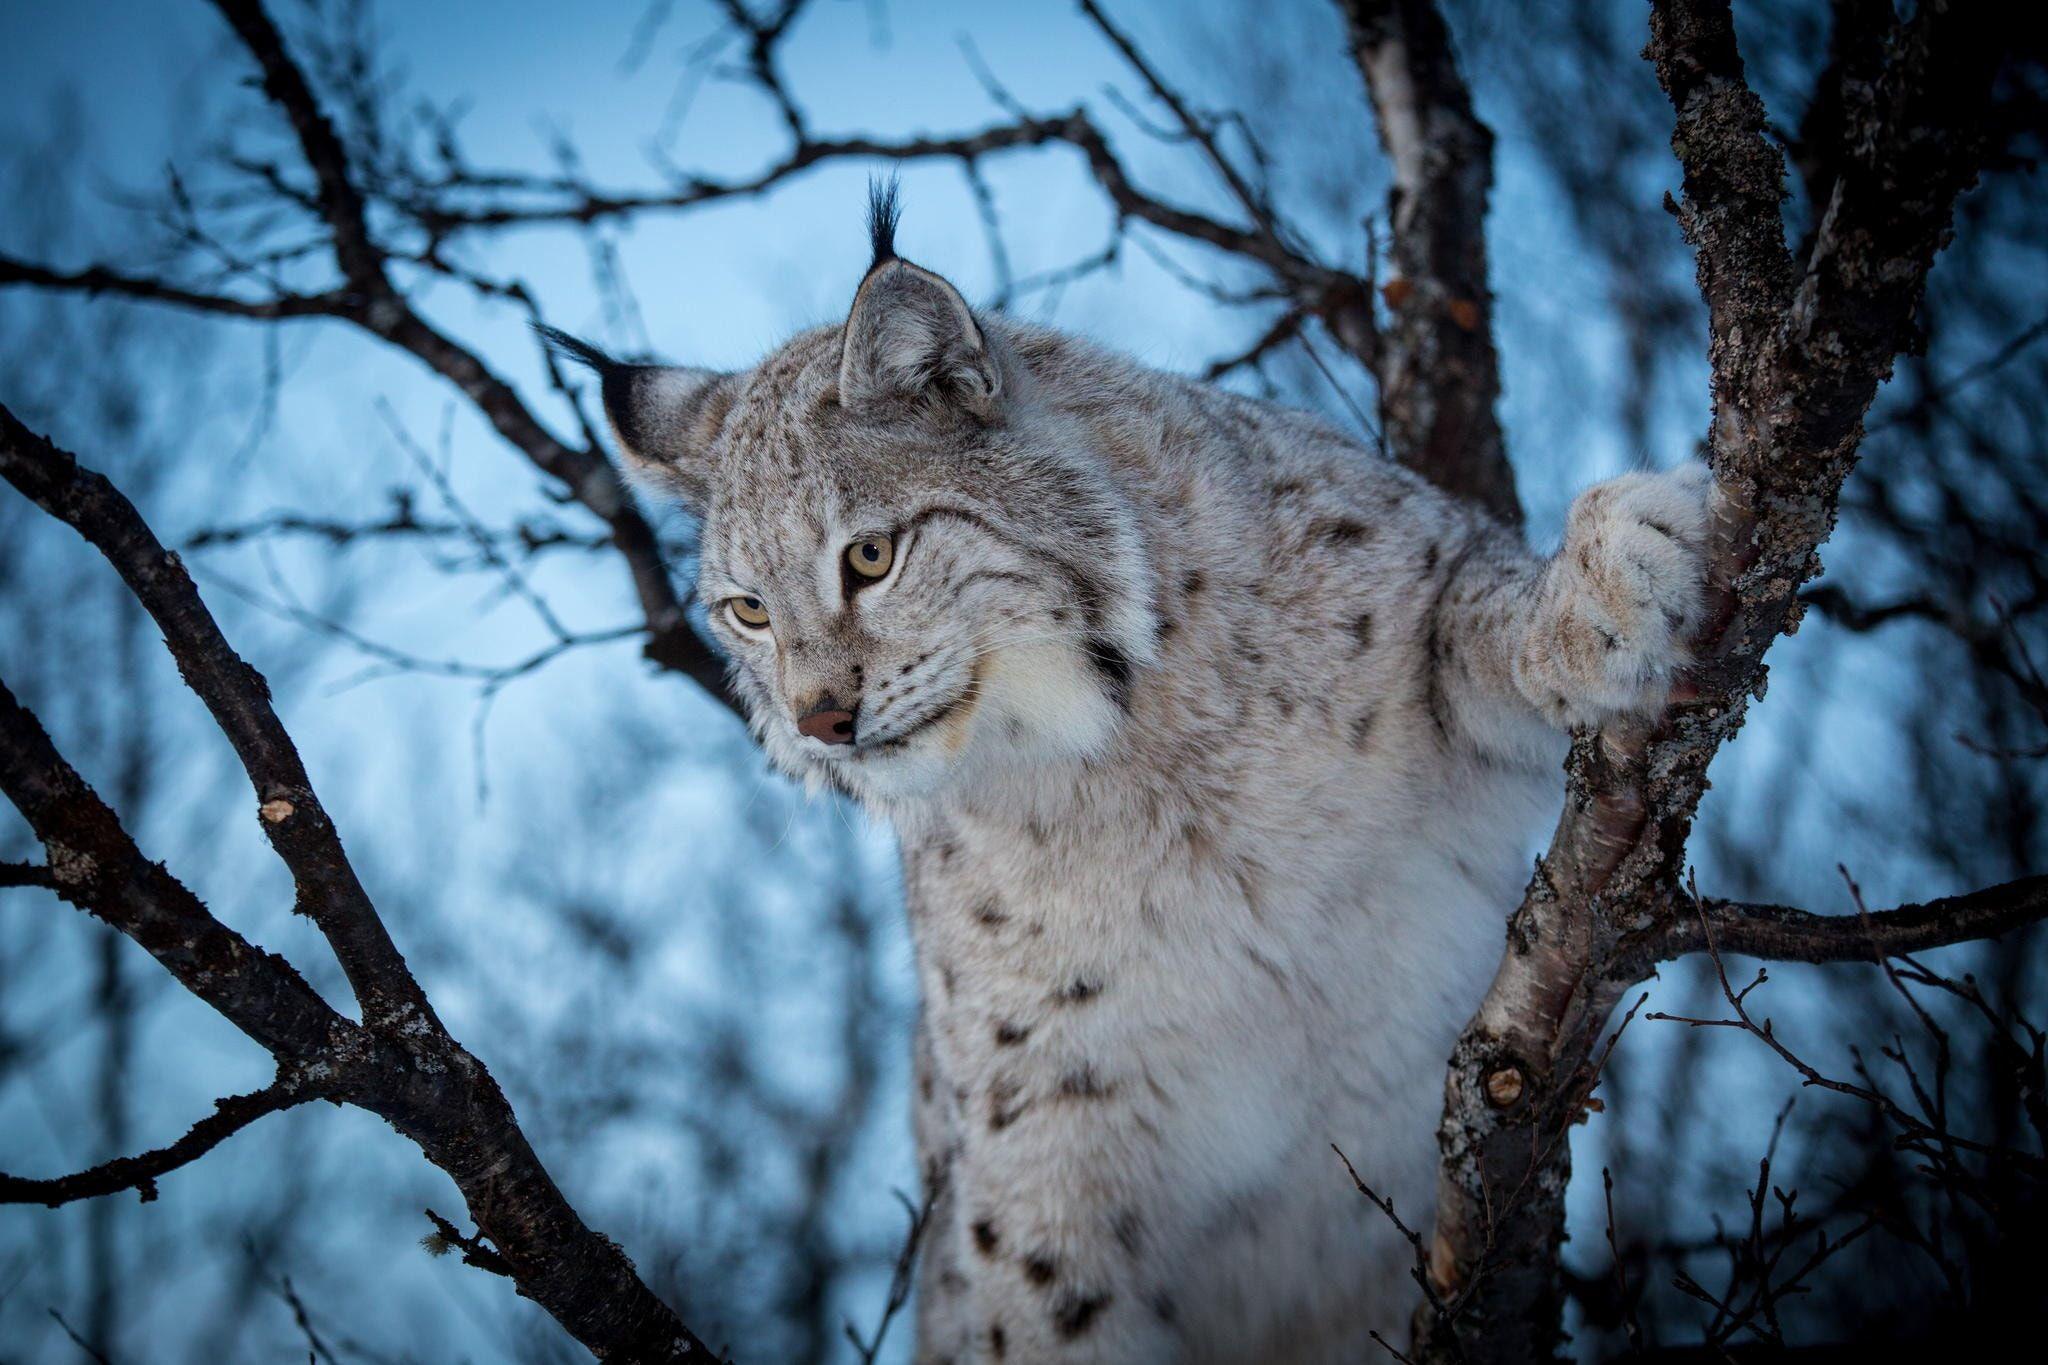 Картинки животных кошек диких, надписью